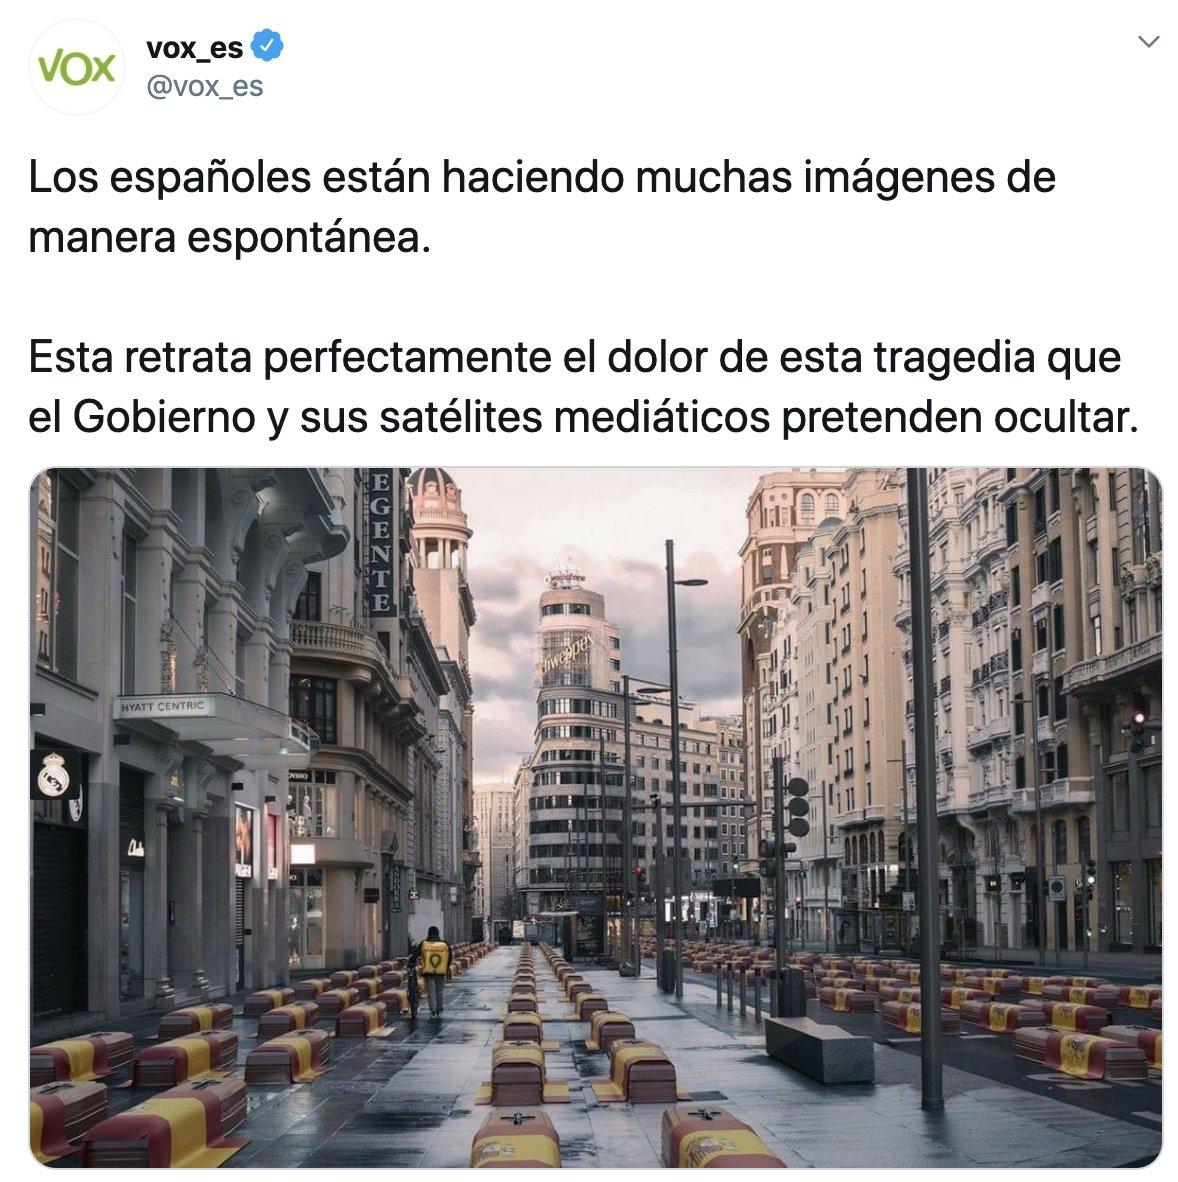 Vox roba una fotografía, la manipula para atacar al Gobierno e ignora al autor de la imagen original